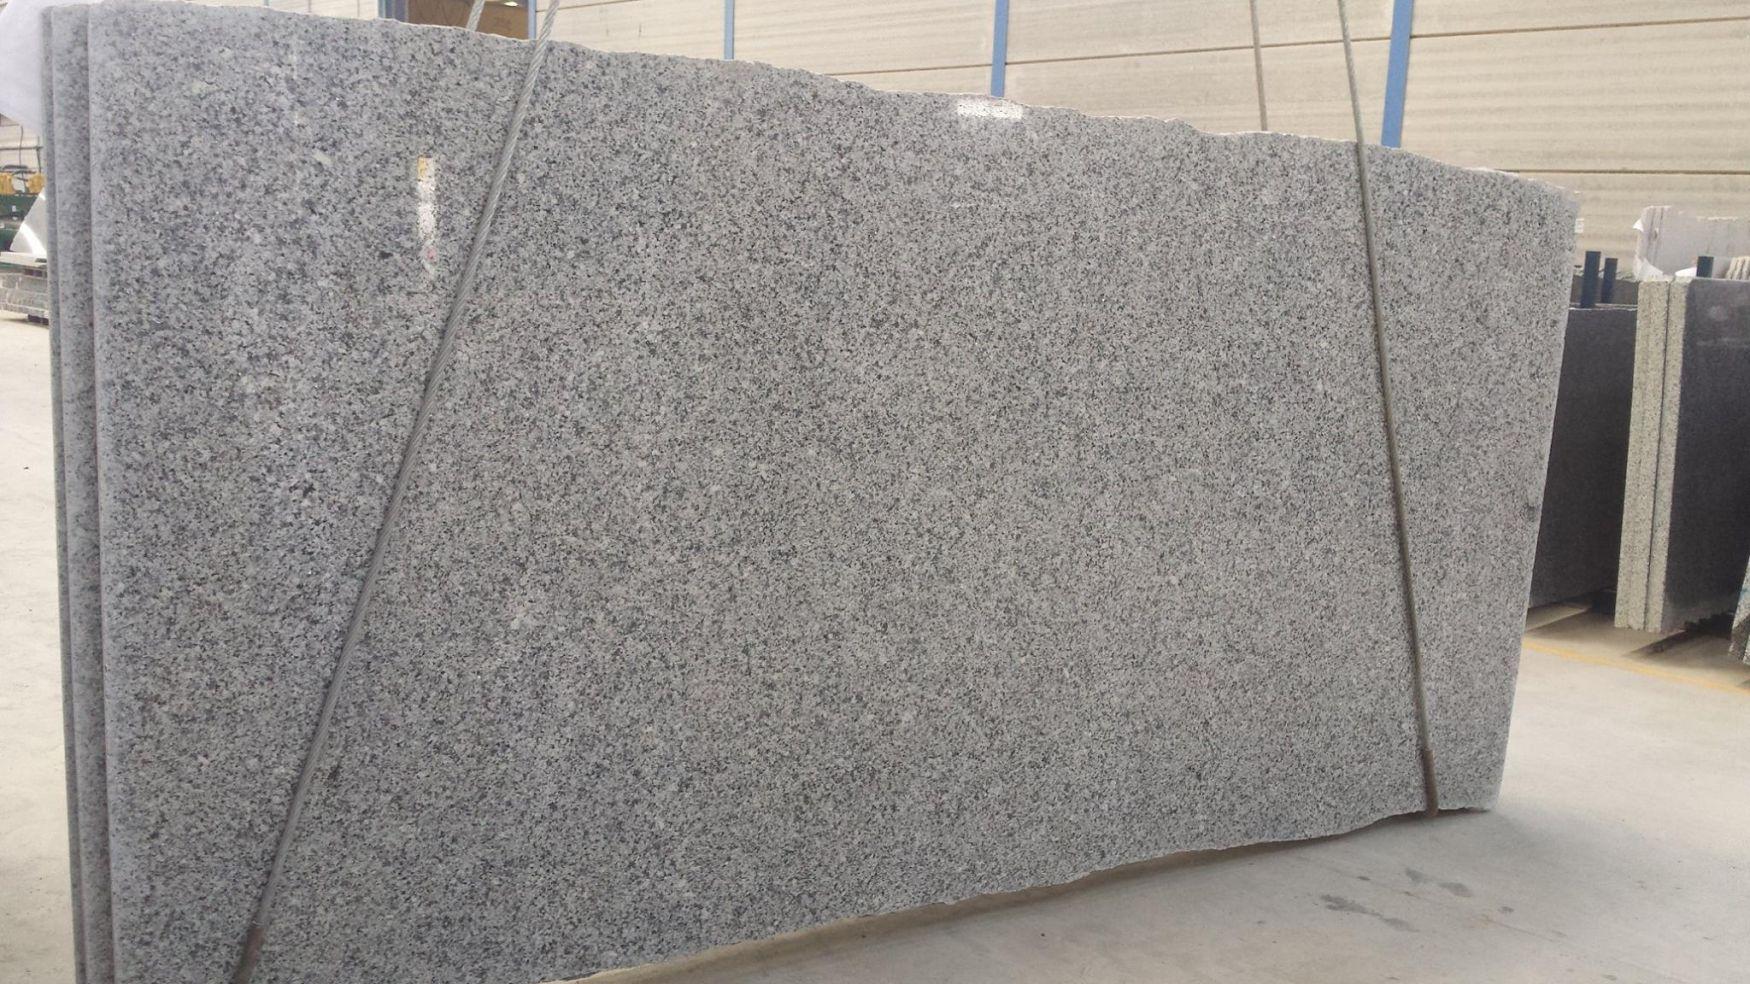 Losas granito azul platino granitos tena s l for Granito azul platino